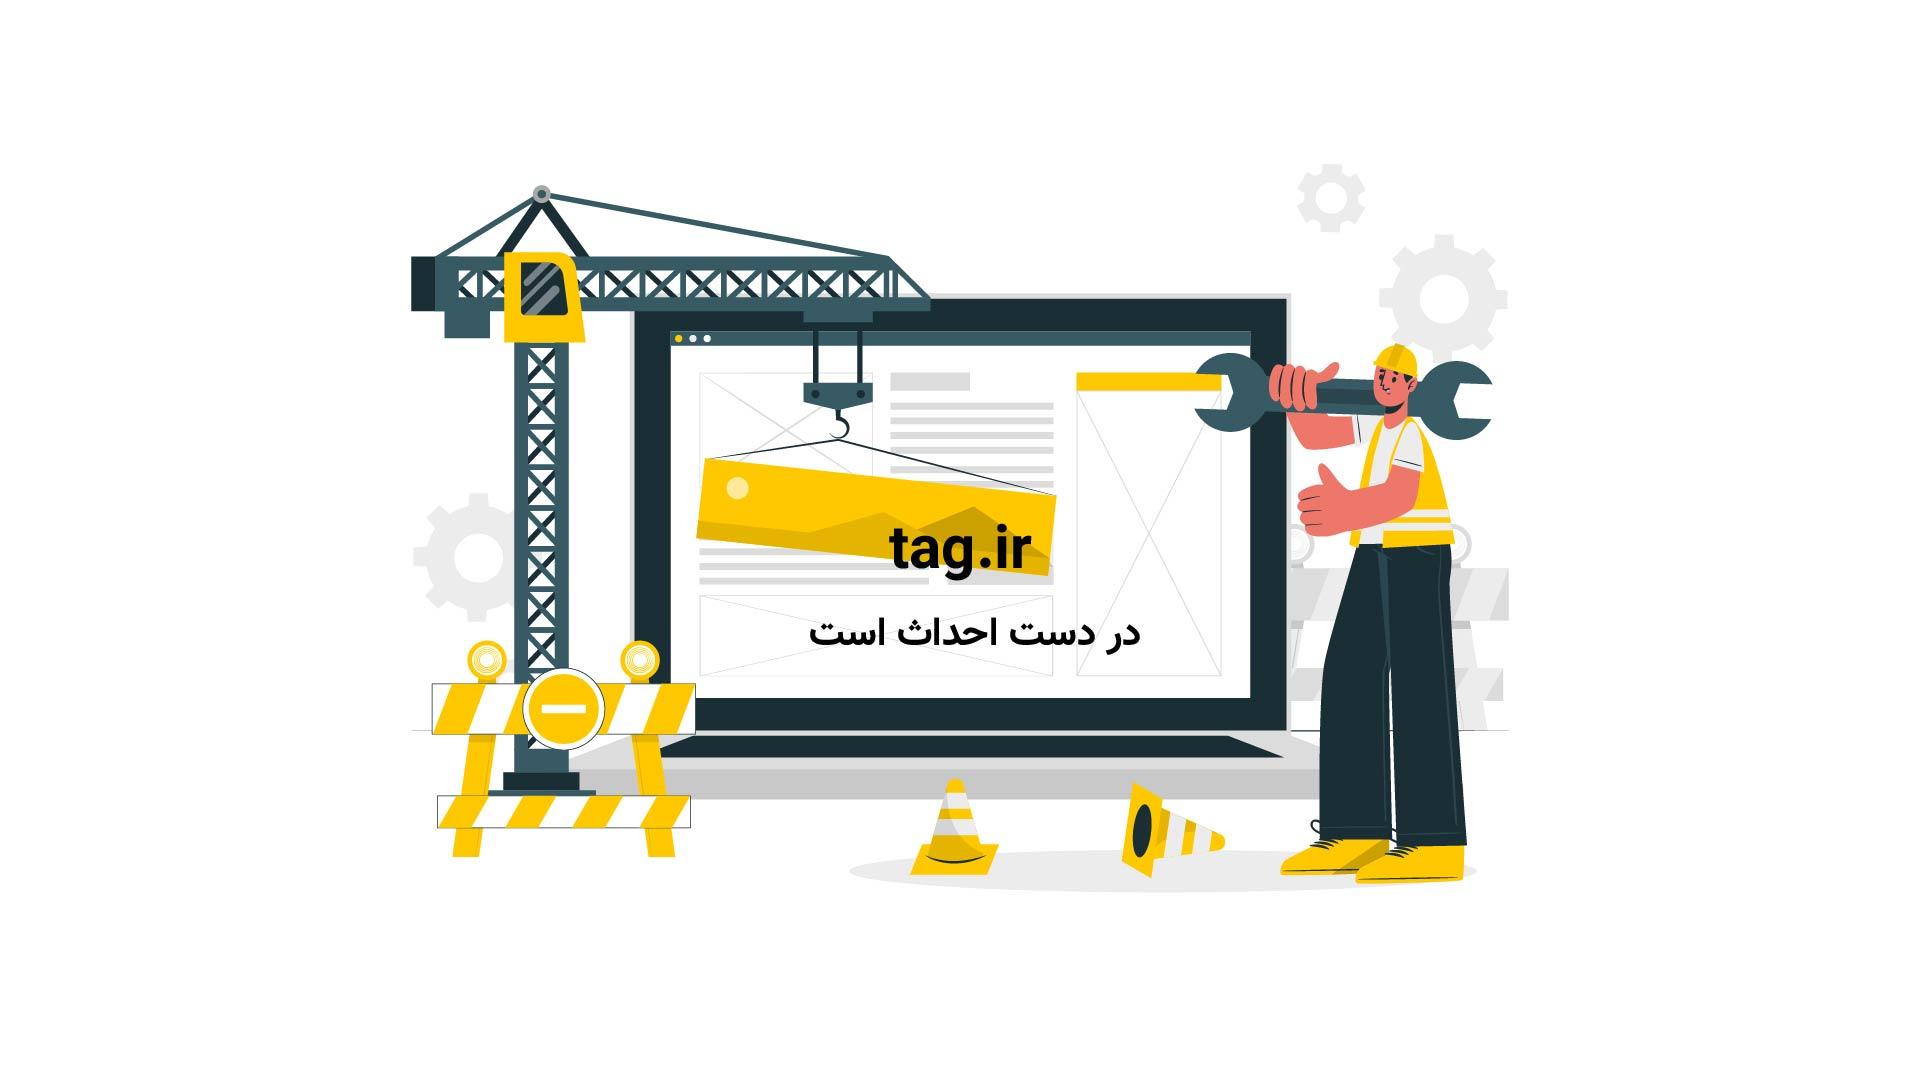 فیلم نشست خبری دکتر حسن روحانی؛ پاسخ رئیس جمهور به پرسش بی بی سی